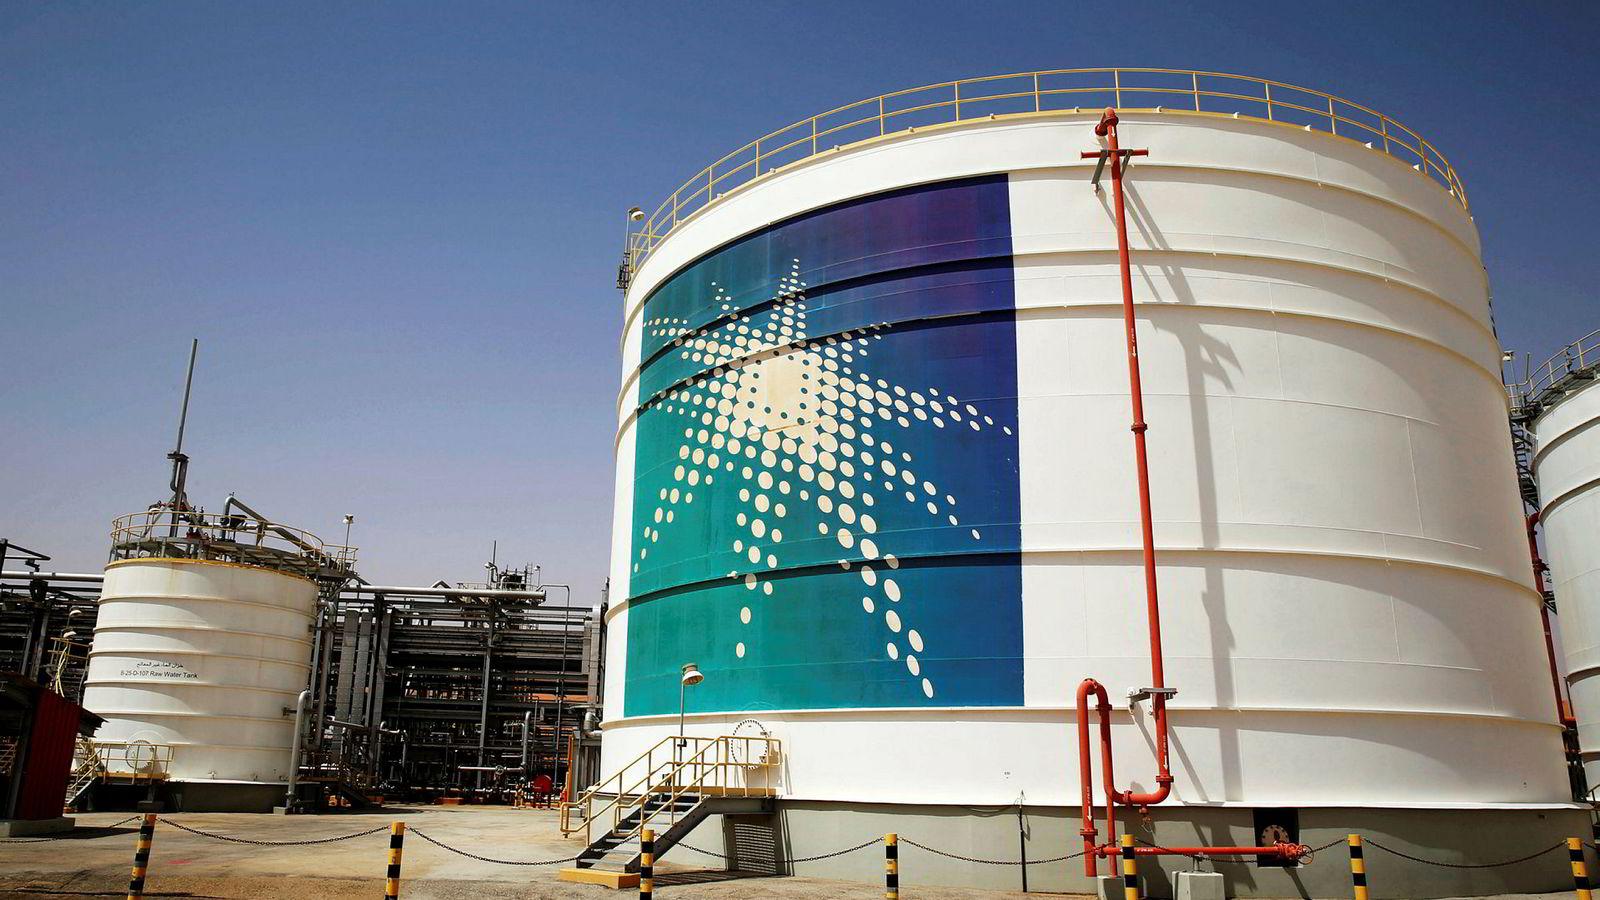 Saudi-Arabia har stengt ned oljeproduksjon tilsvarende 5,7 millioner fat olje. Det utgjør syv prosent av den globale produksjonen av råolje. Her fra produksjonsanlegget ved Saudi Aramcos Shaybah, Saudi Arabia.